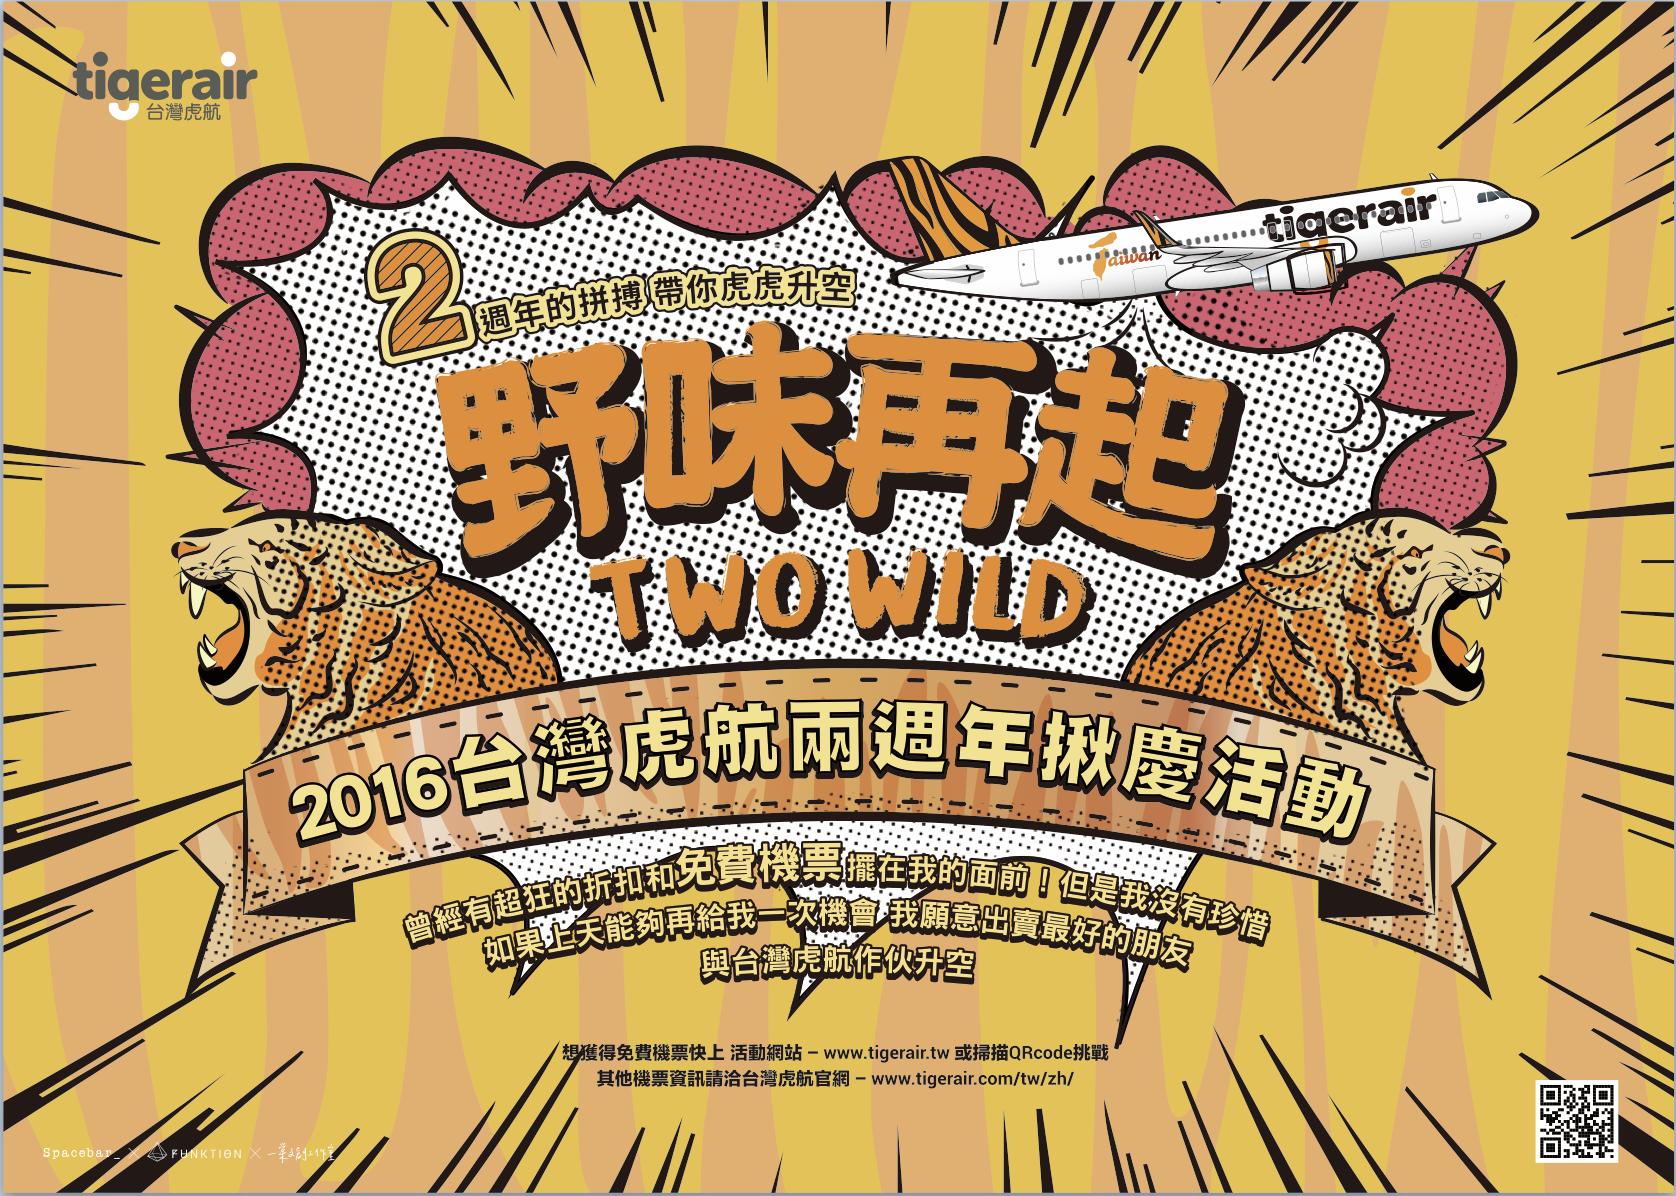 台湾虎航两周年之野味再起活动海报.png